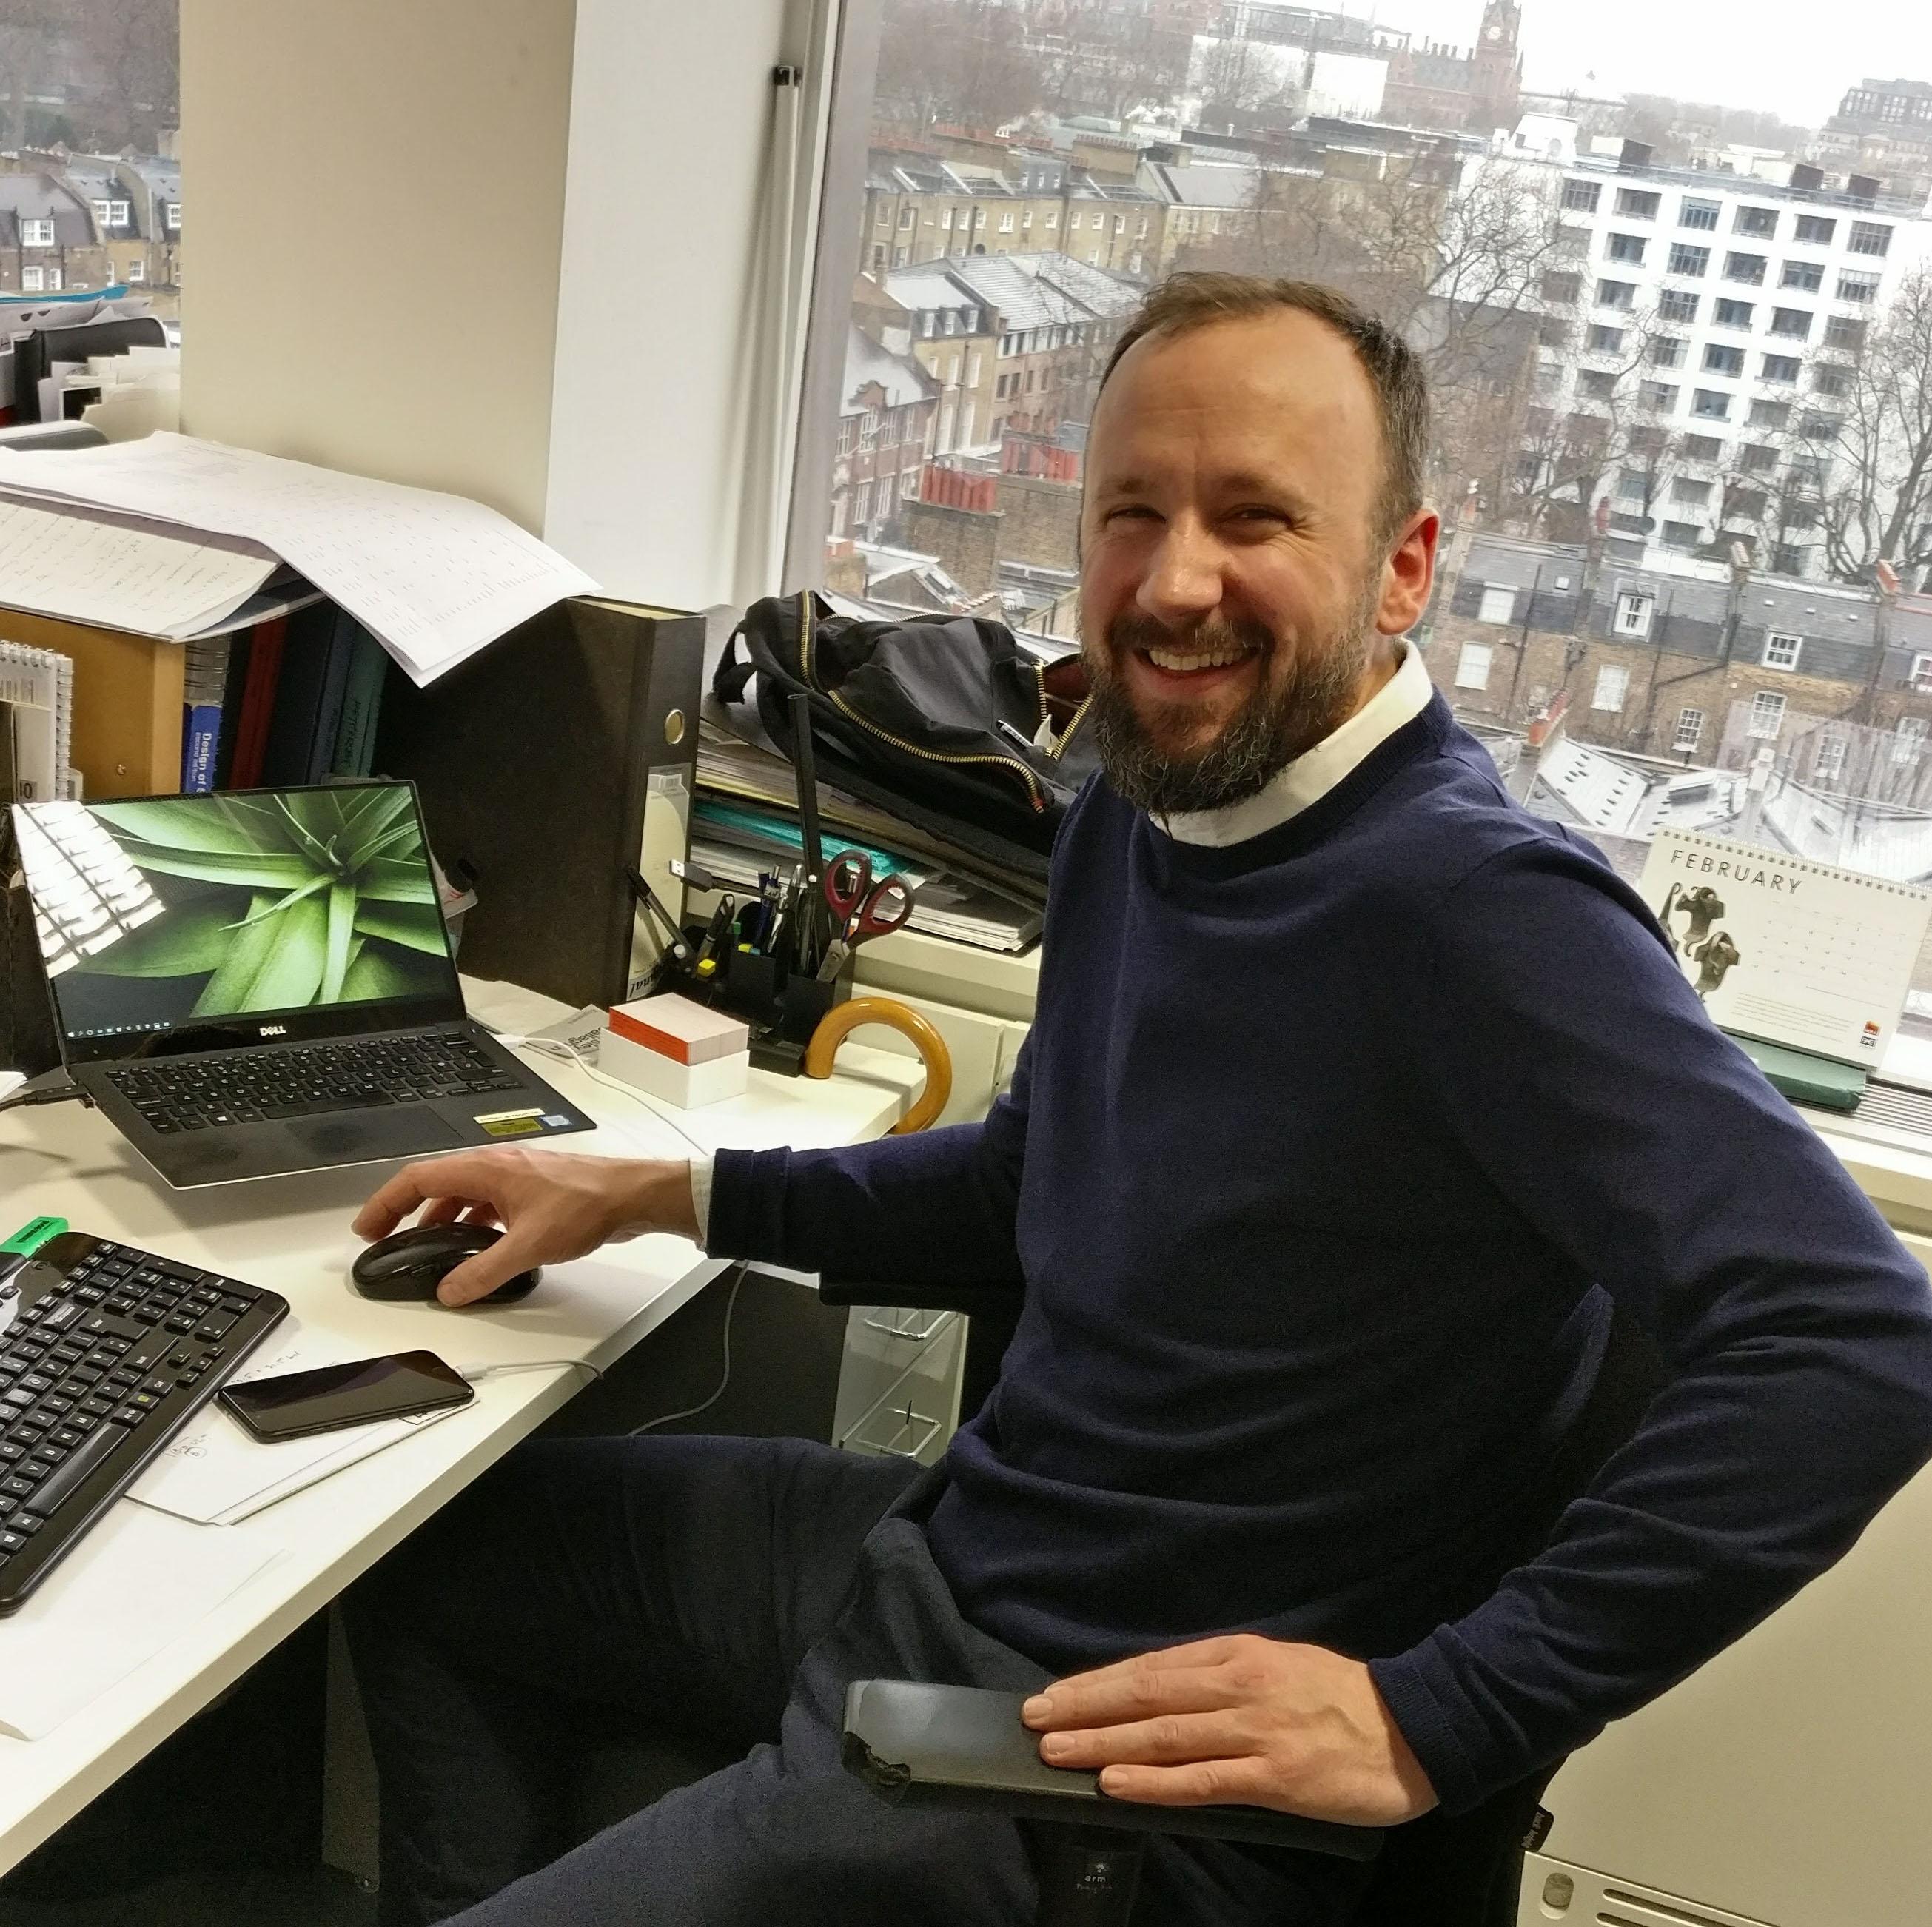 Duncan_at_Desk